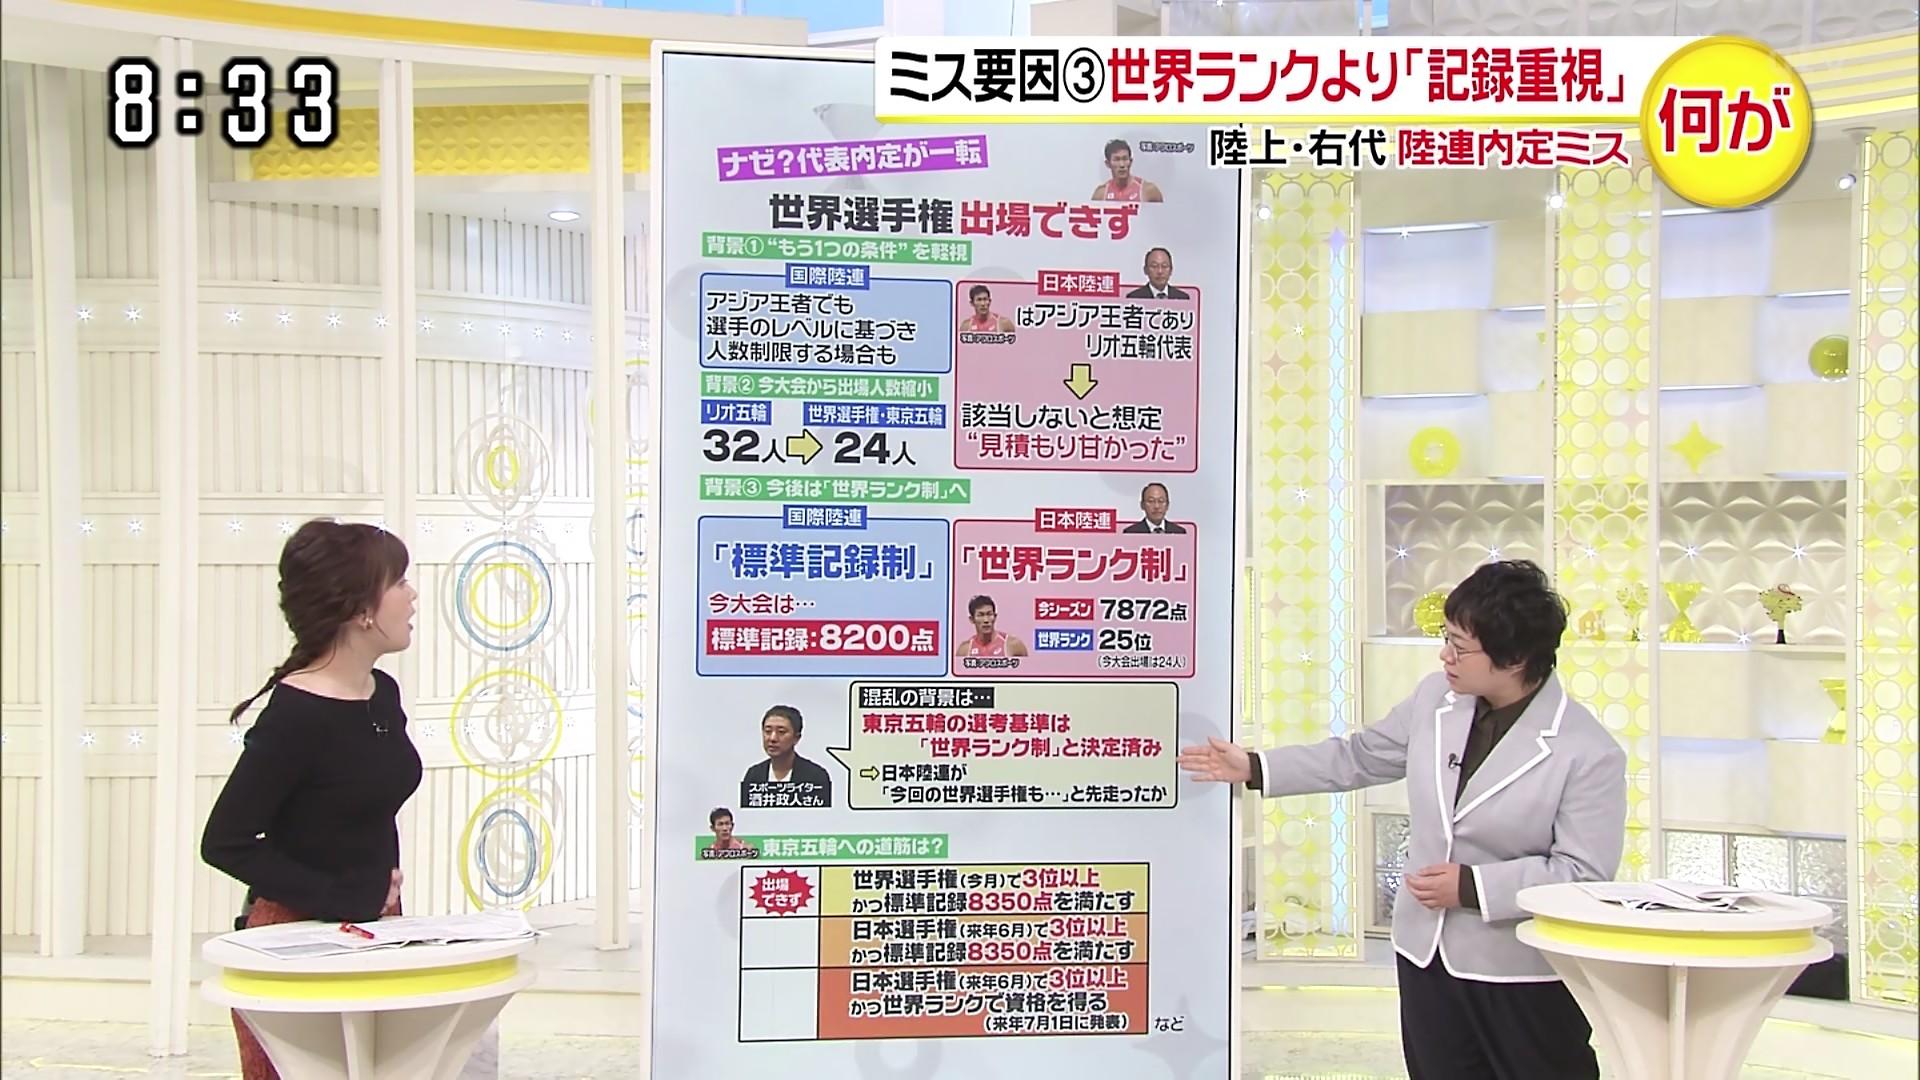 2019年9月19日に放送された「スッキリ」に出演した水卜麻美さんのテレビキャプチャー画像-033